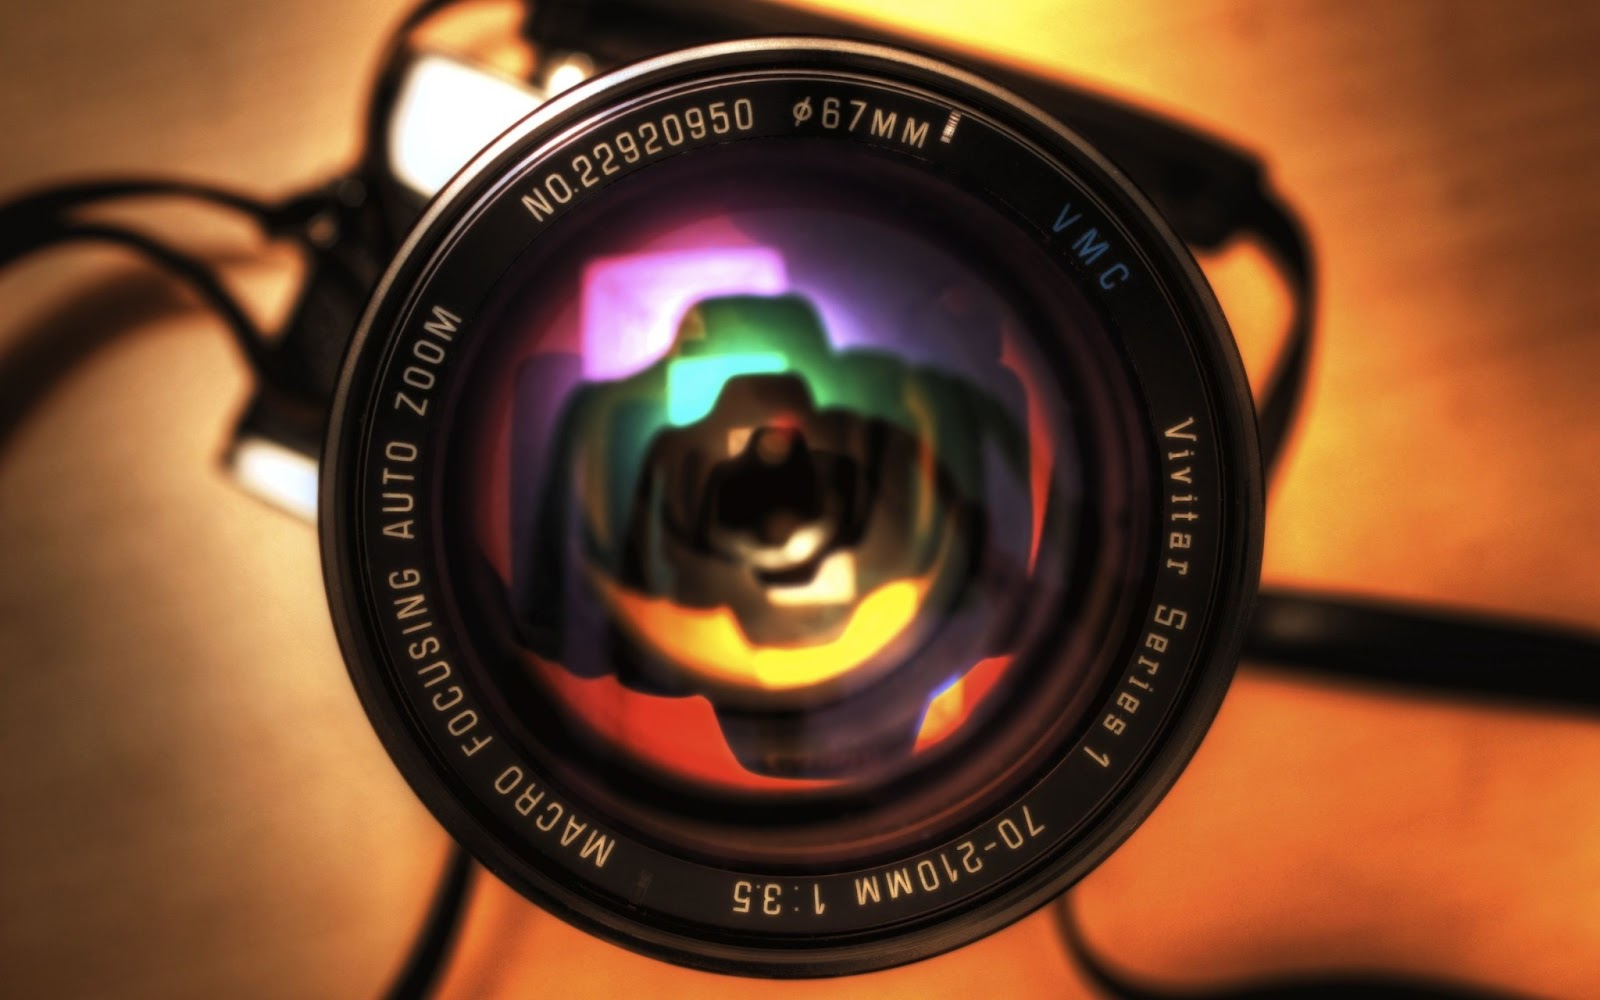 9ος Μαθητικός  Διαγωνισμός  Φωτογραφίας  Νομού  Λευκάδας